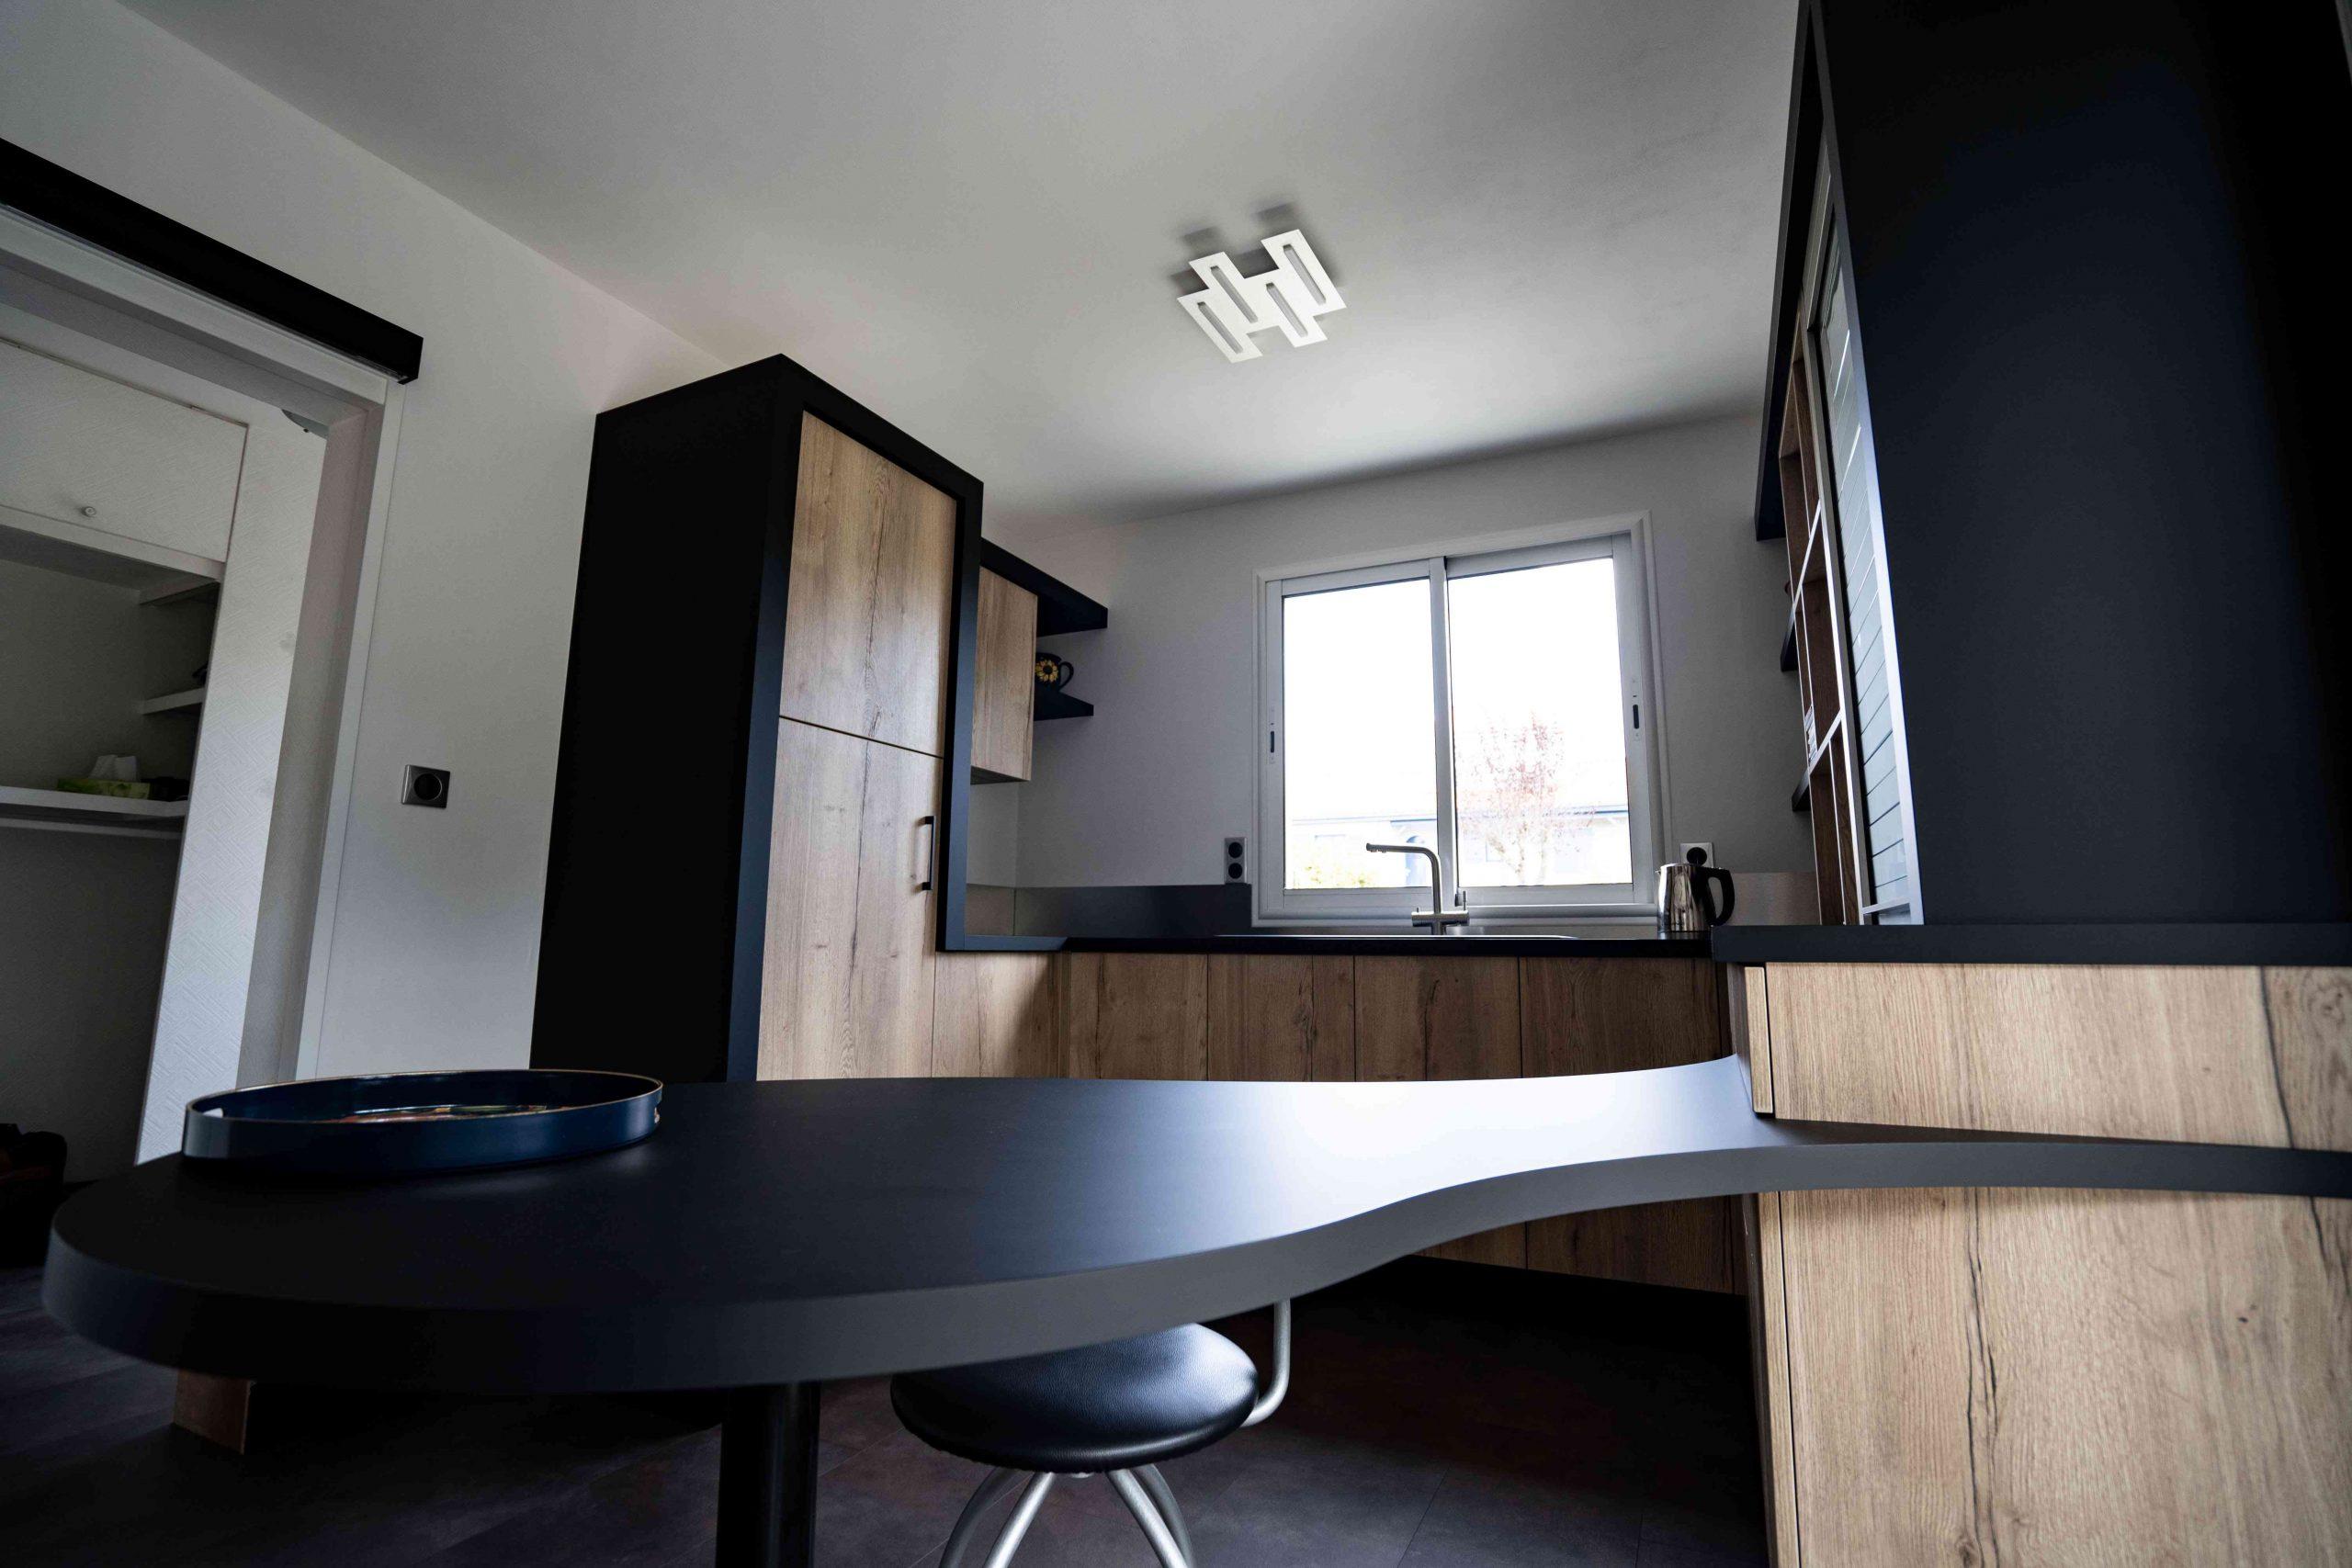 RDI01275 scaled - Cuisine noir et chêne avec table de repas arrondie